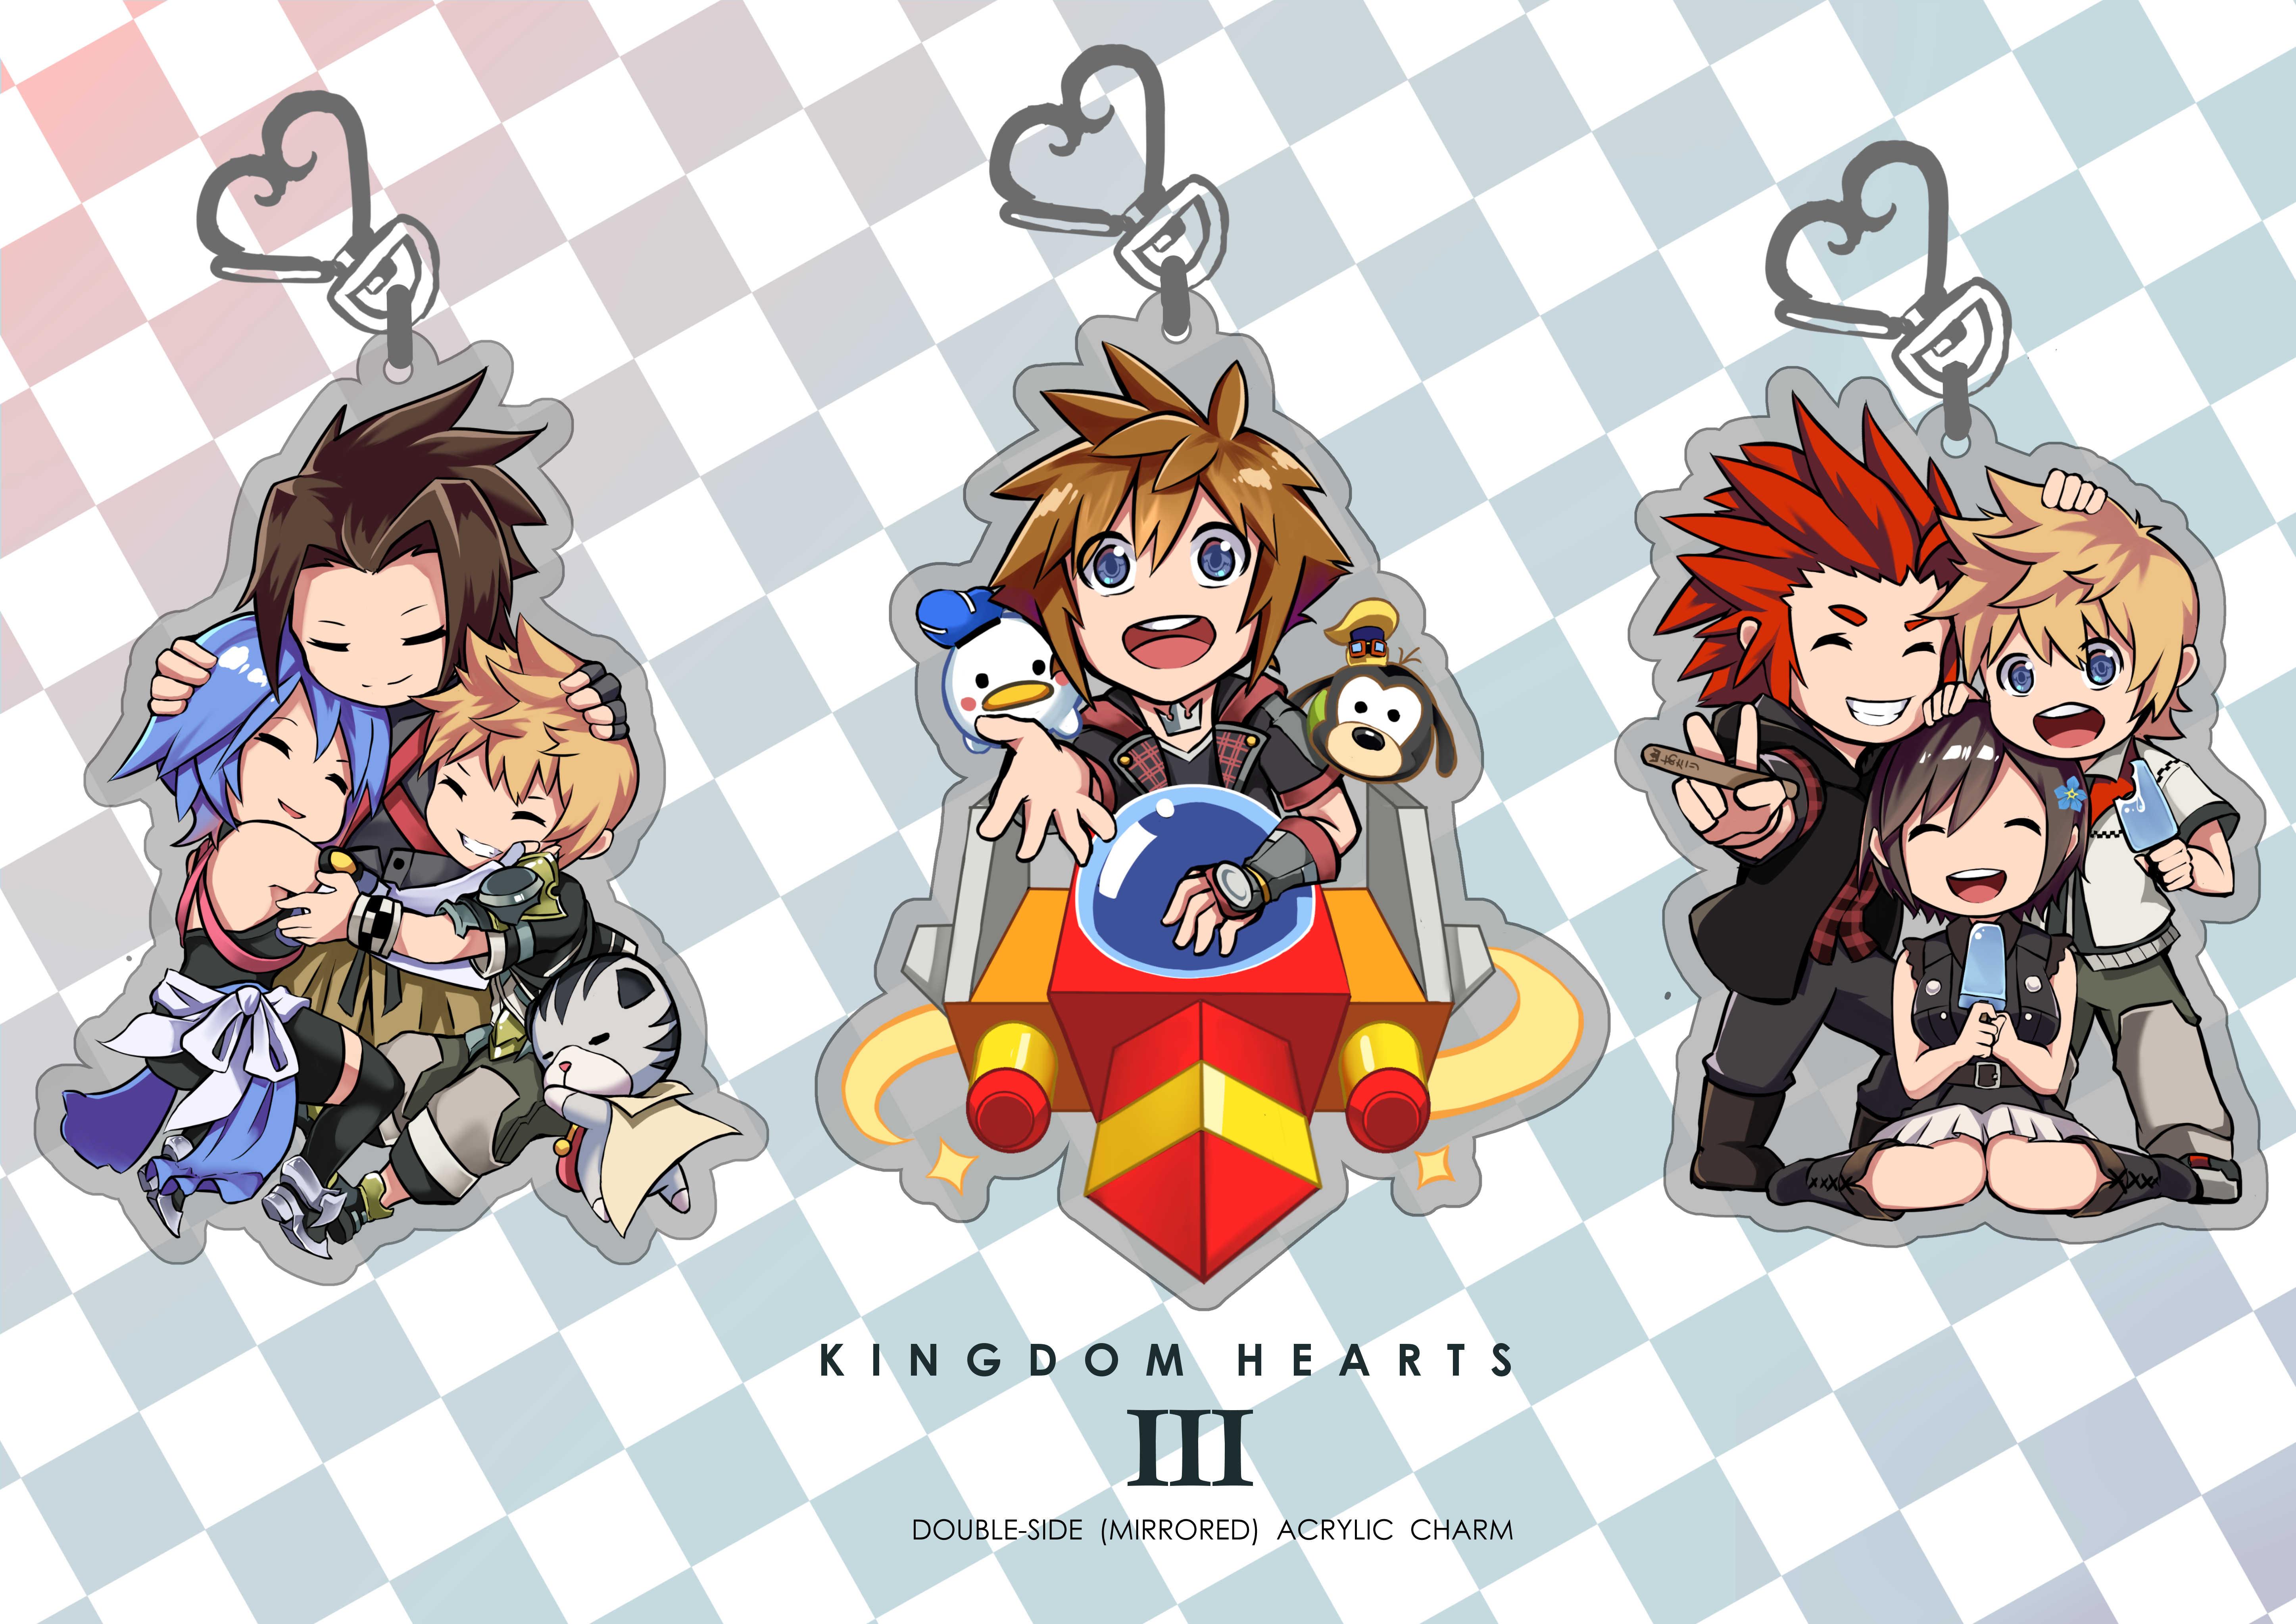 Kingdom Hearts 3 Charms